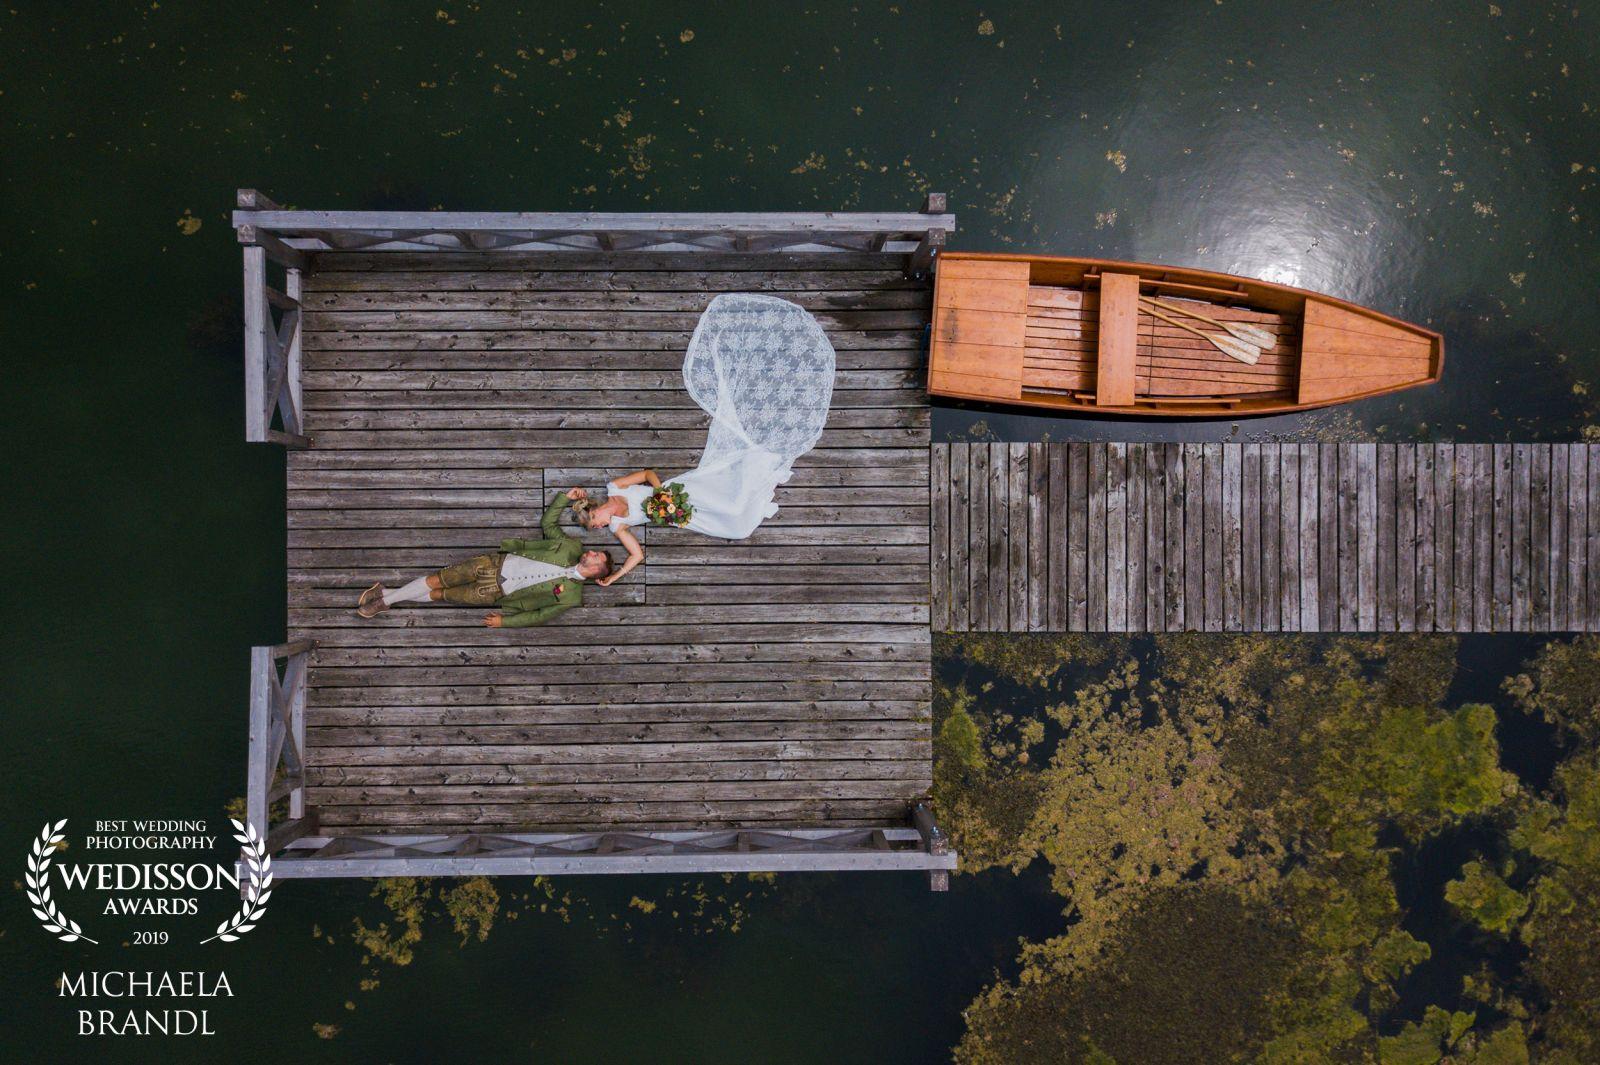 Hochzeitsfoto Michaela Brandl